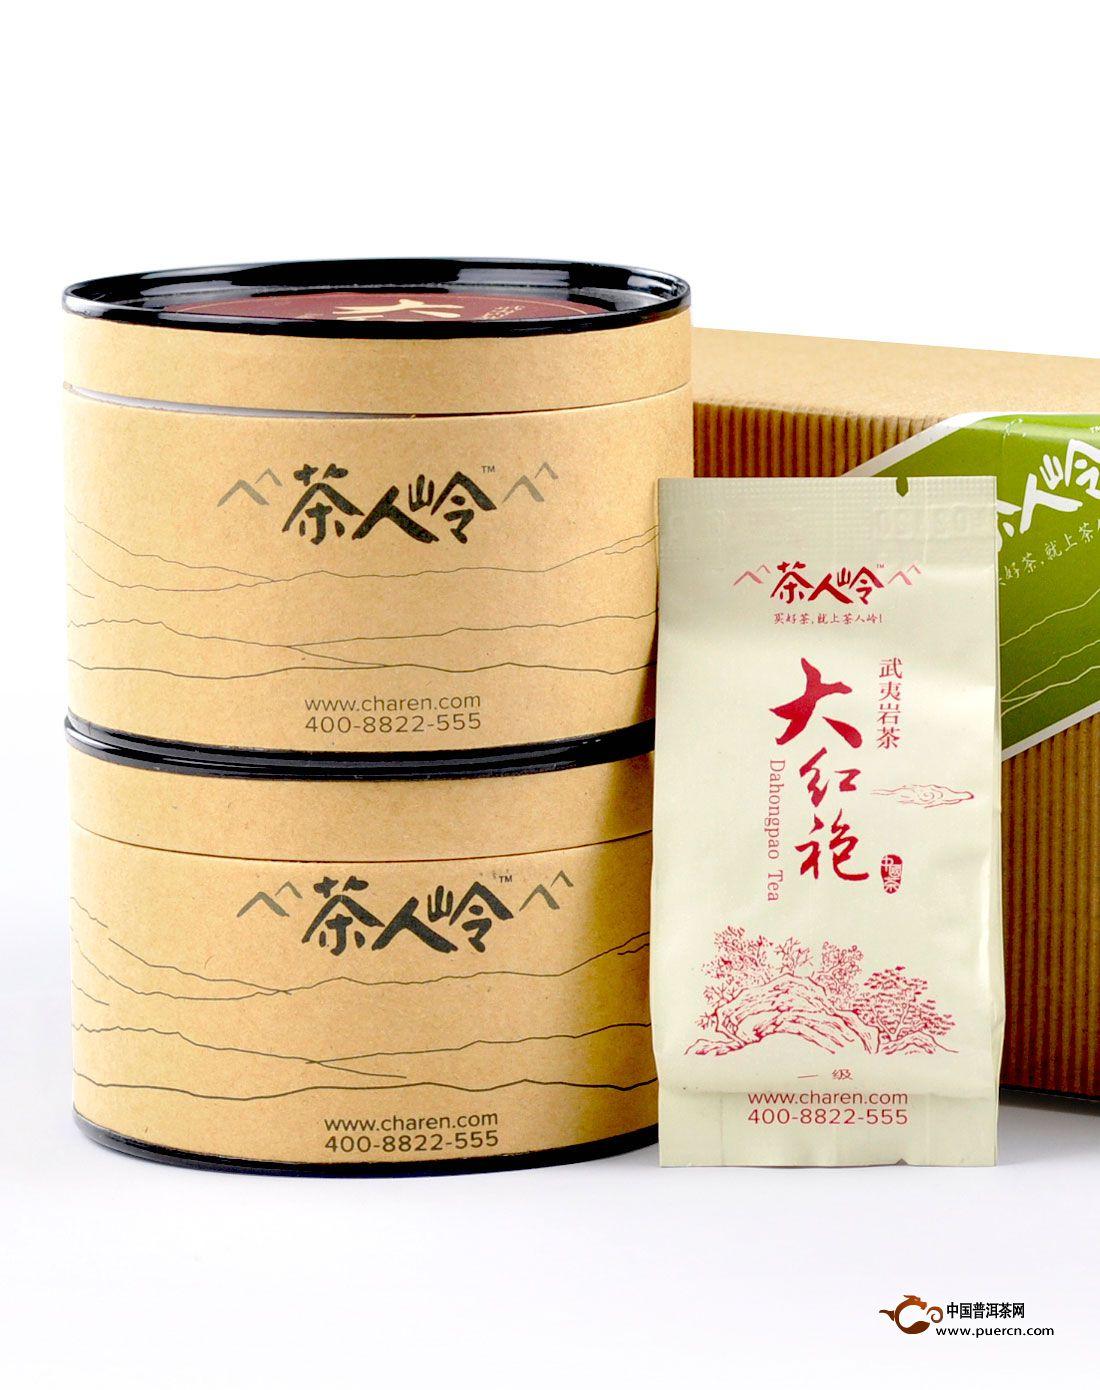 茶叶罐的文化韵味